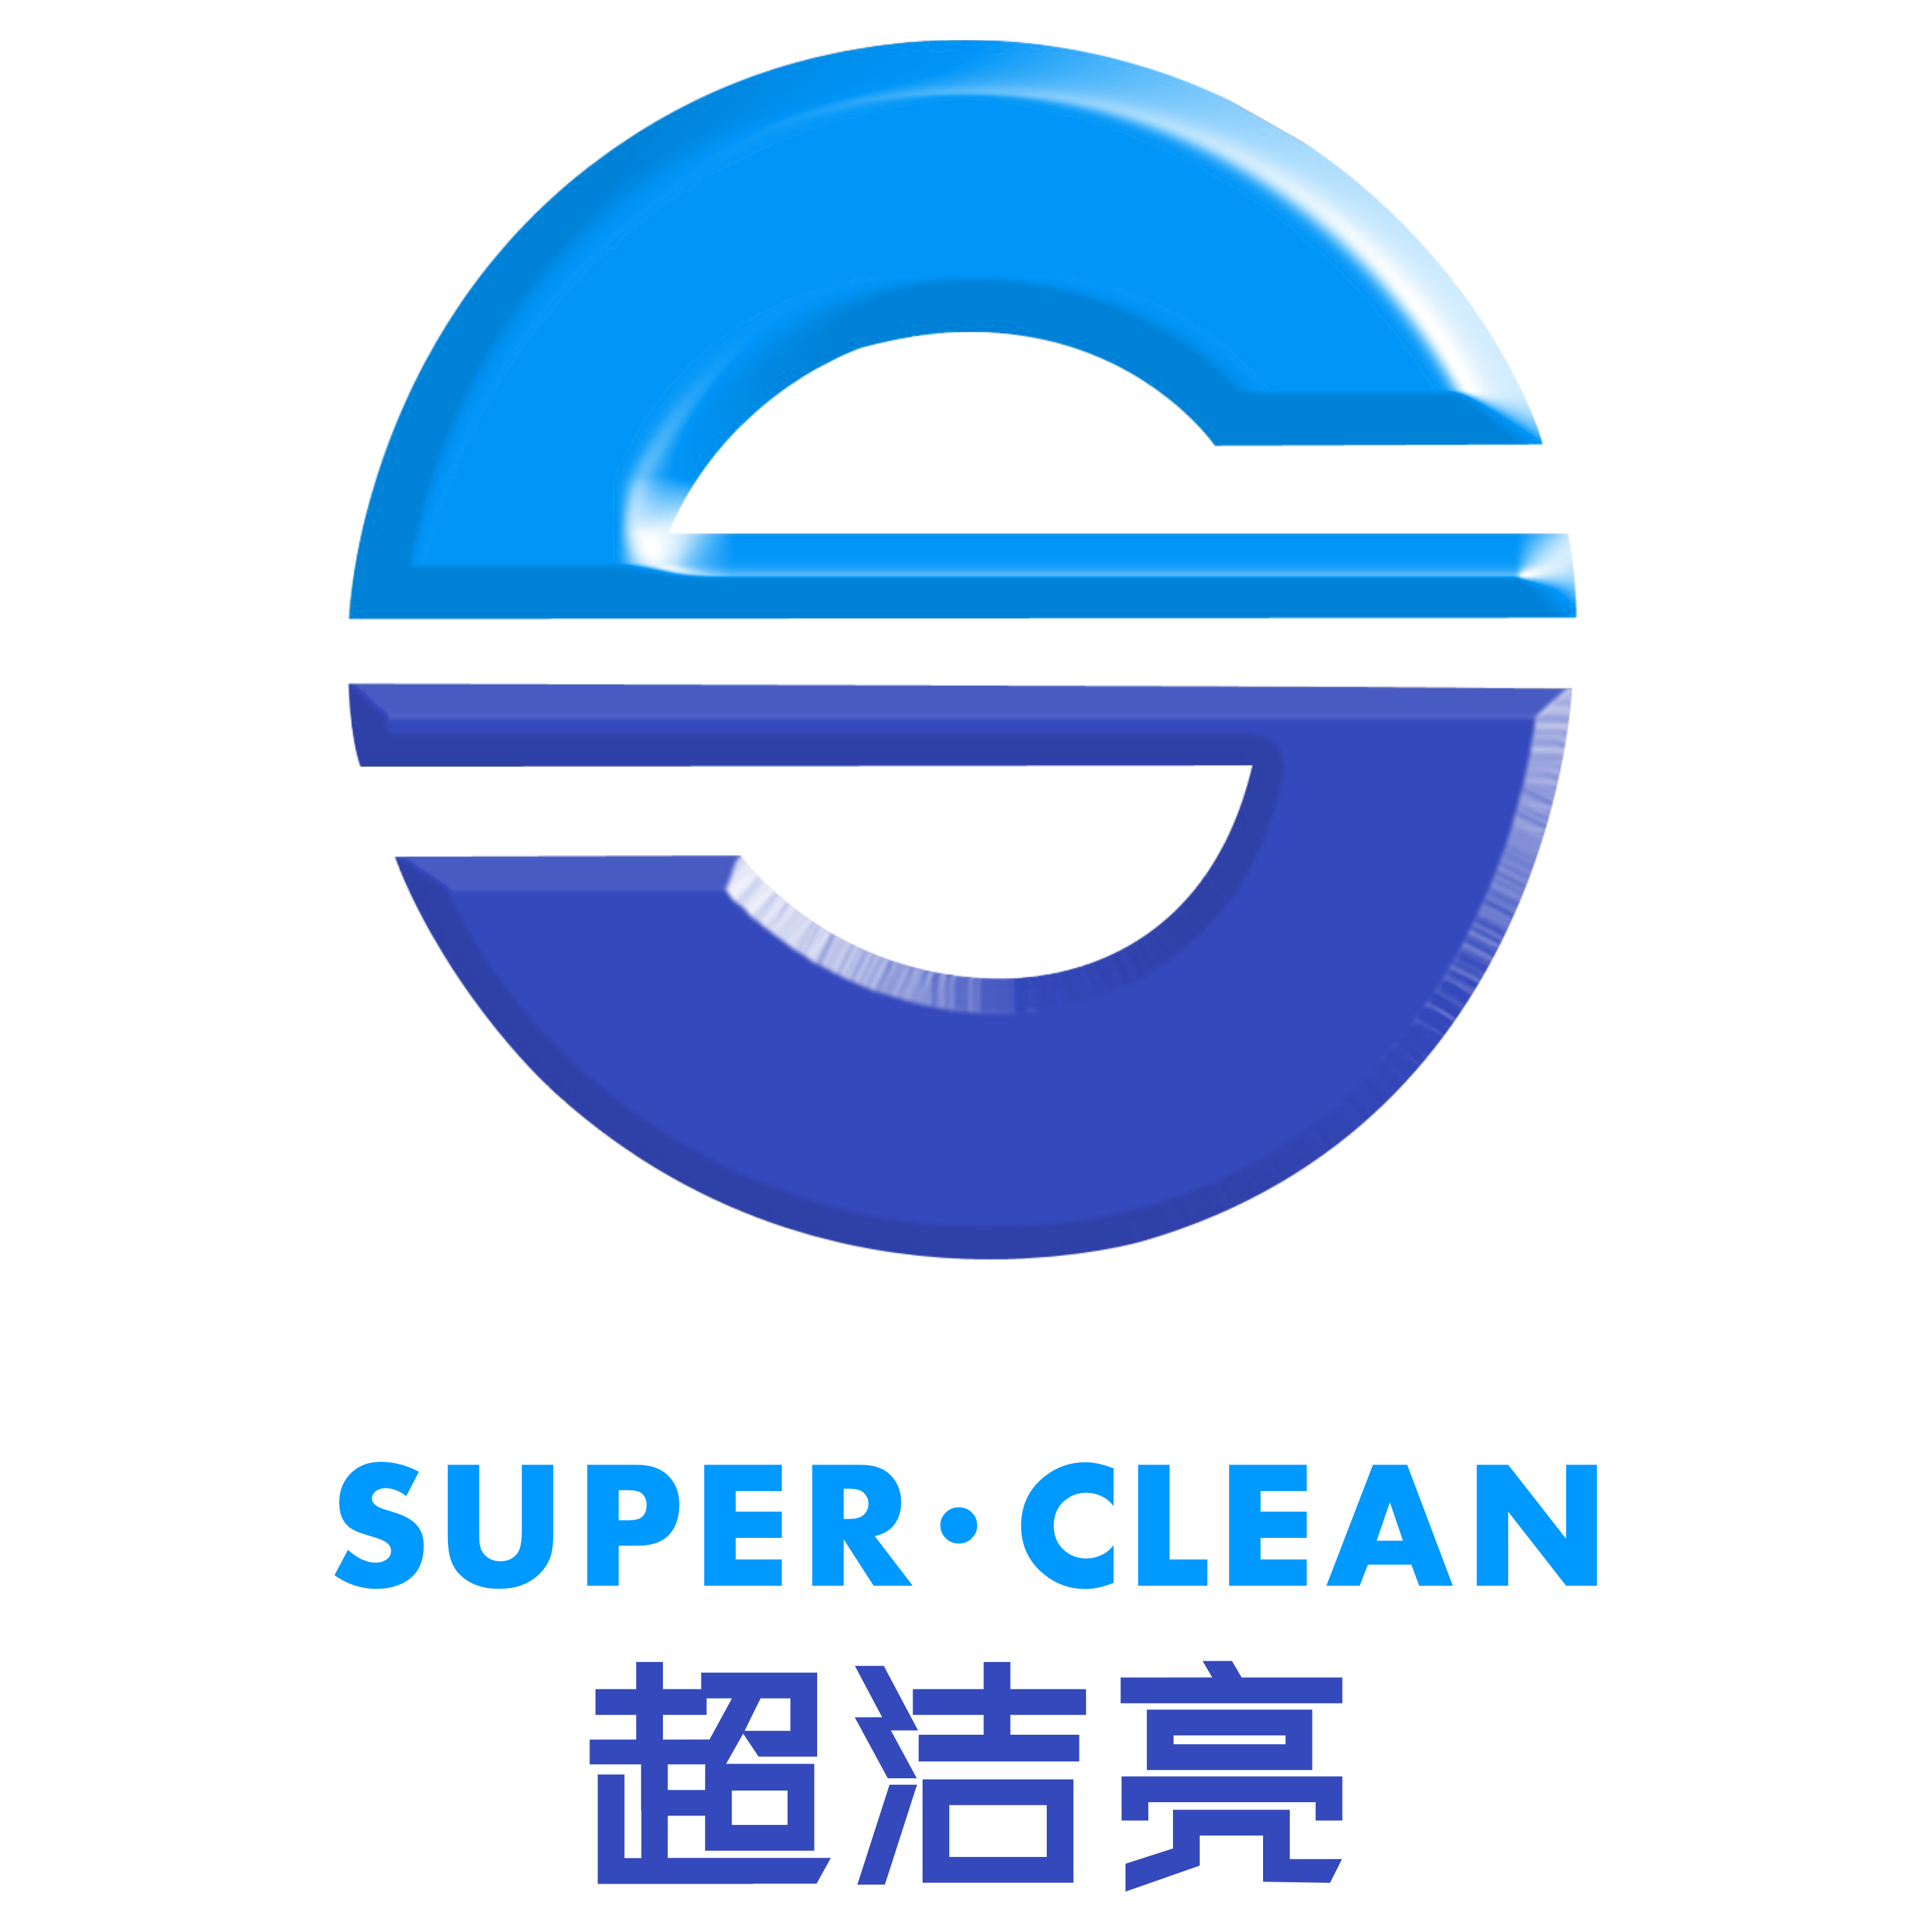 广州市超洁亮清洁机械有限公司